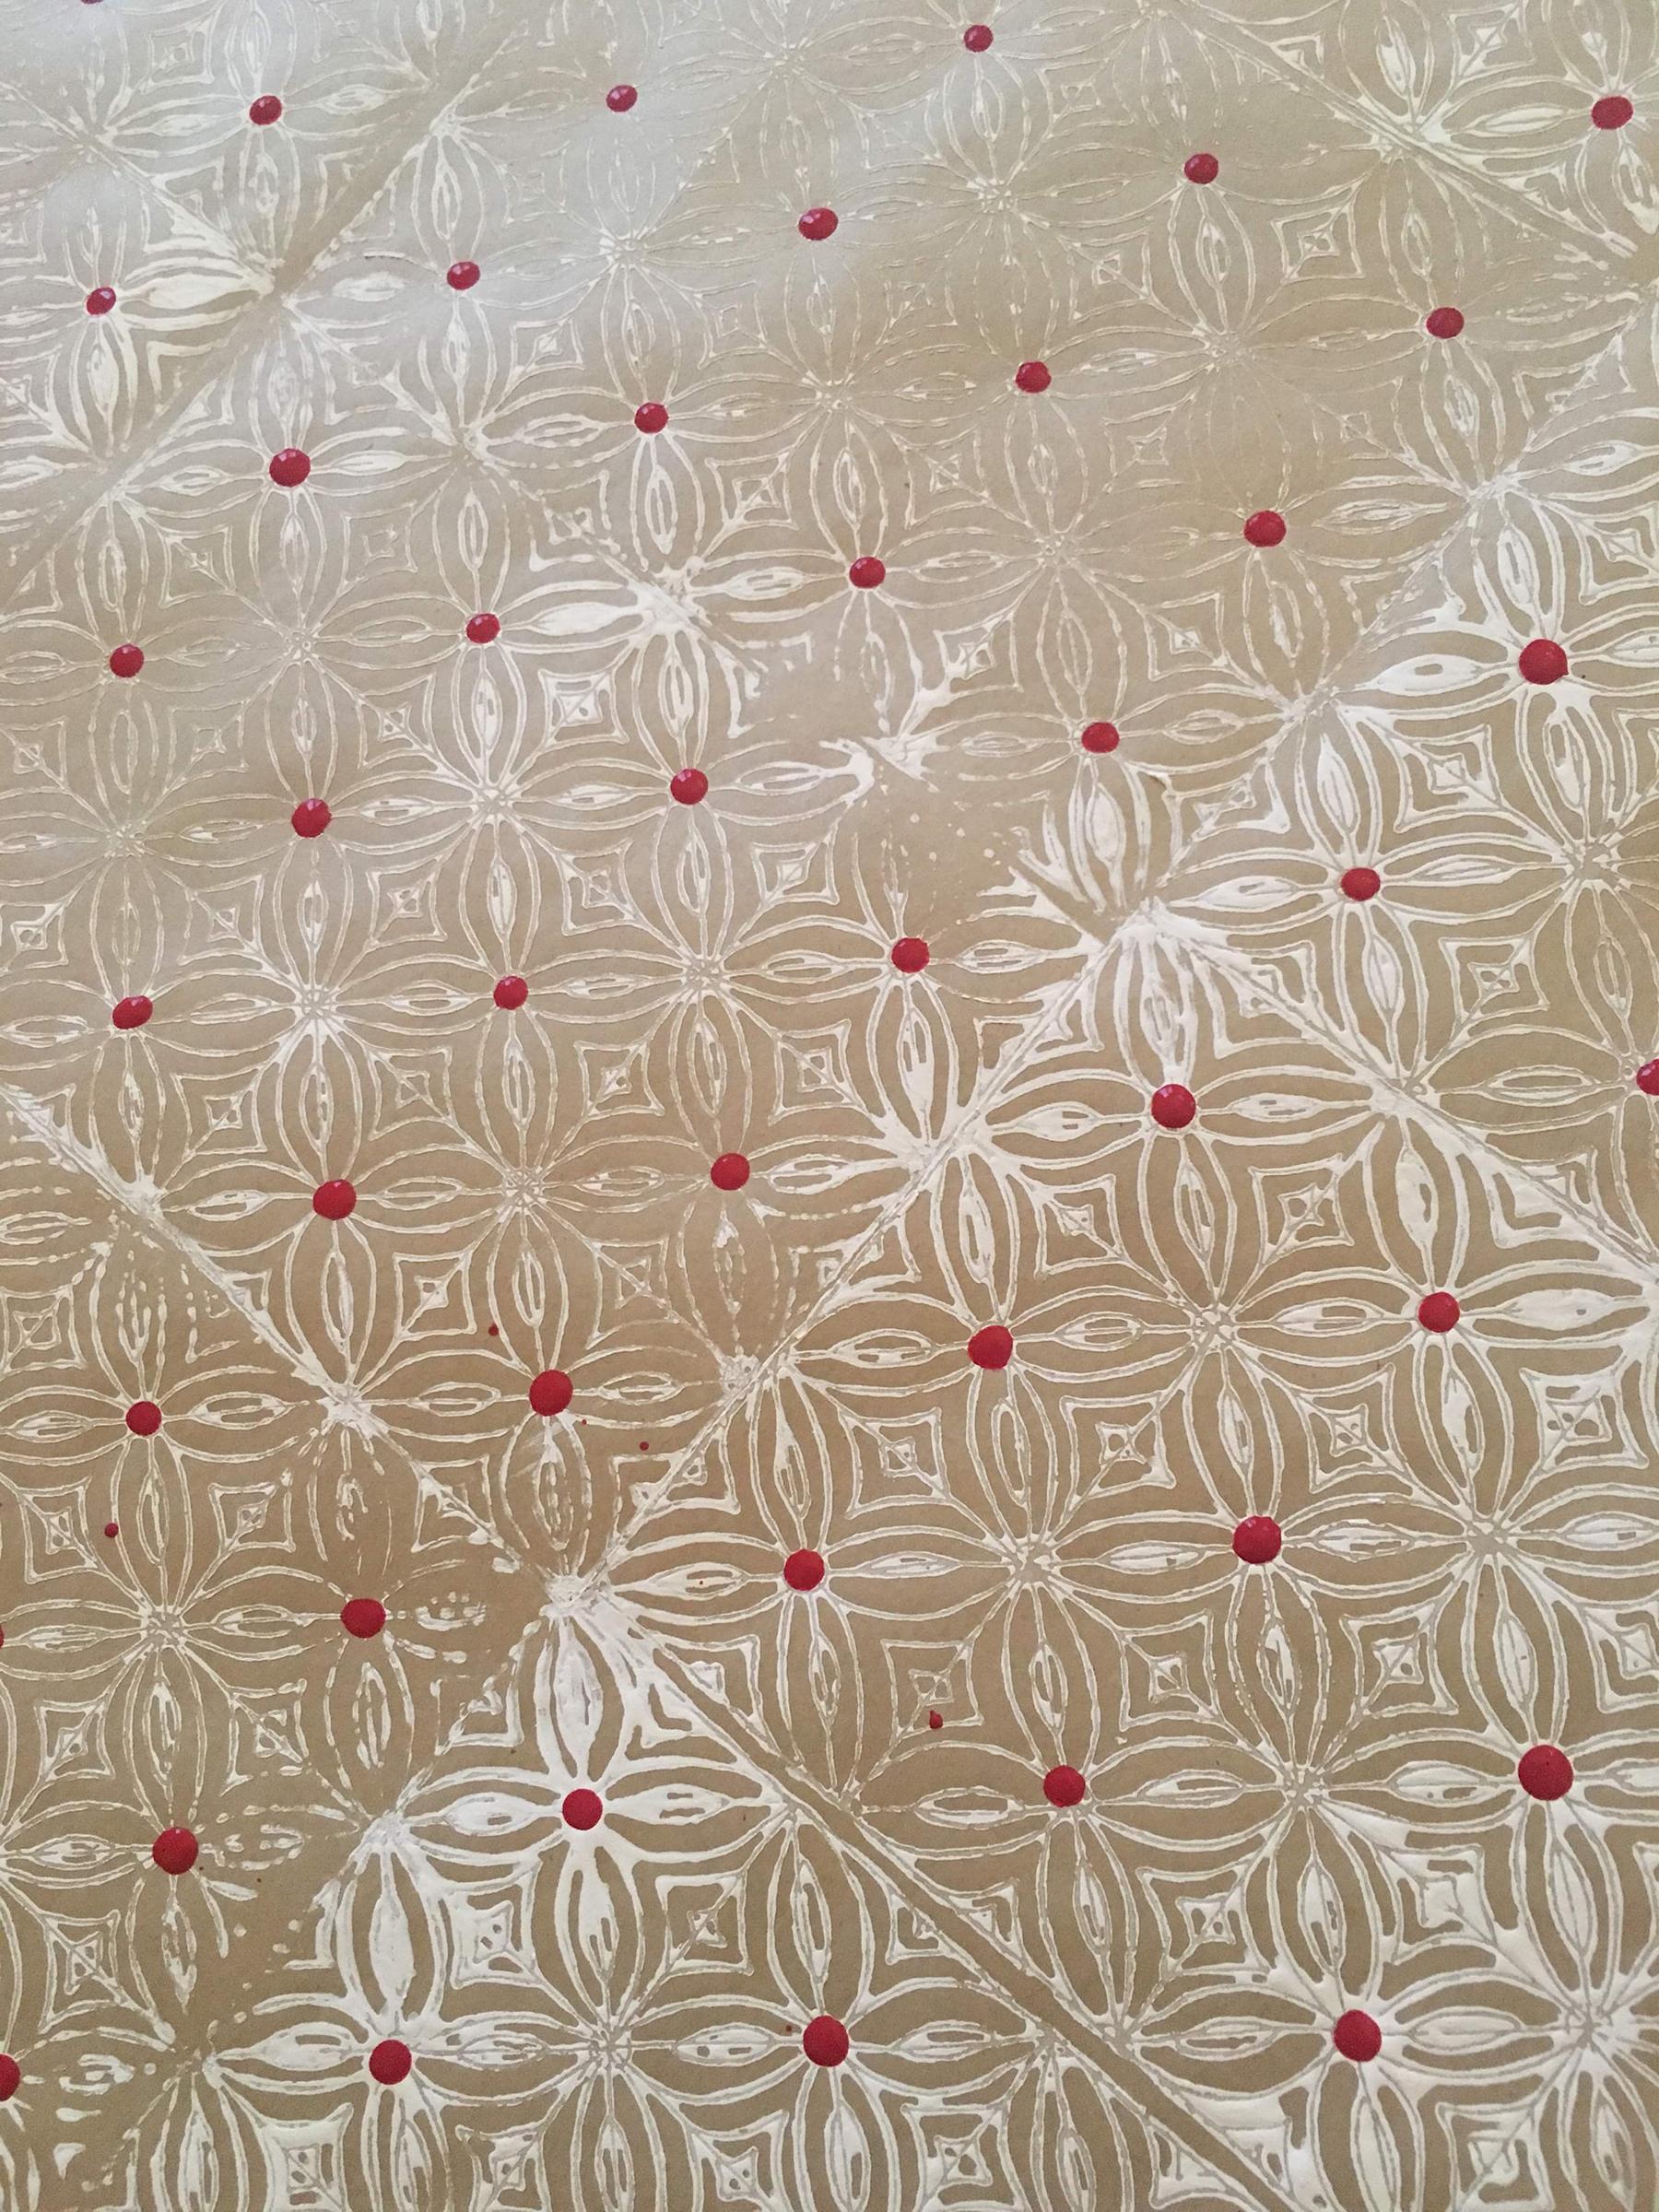 Tapestries 5.jpg